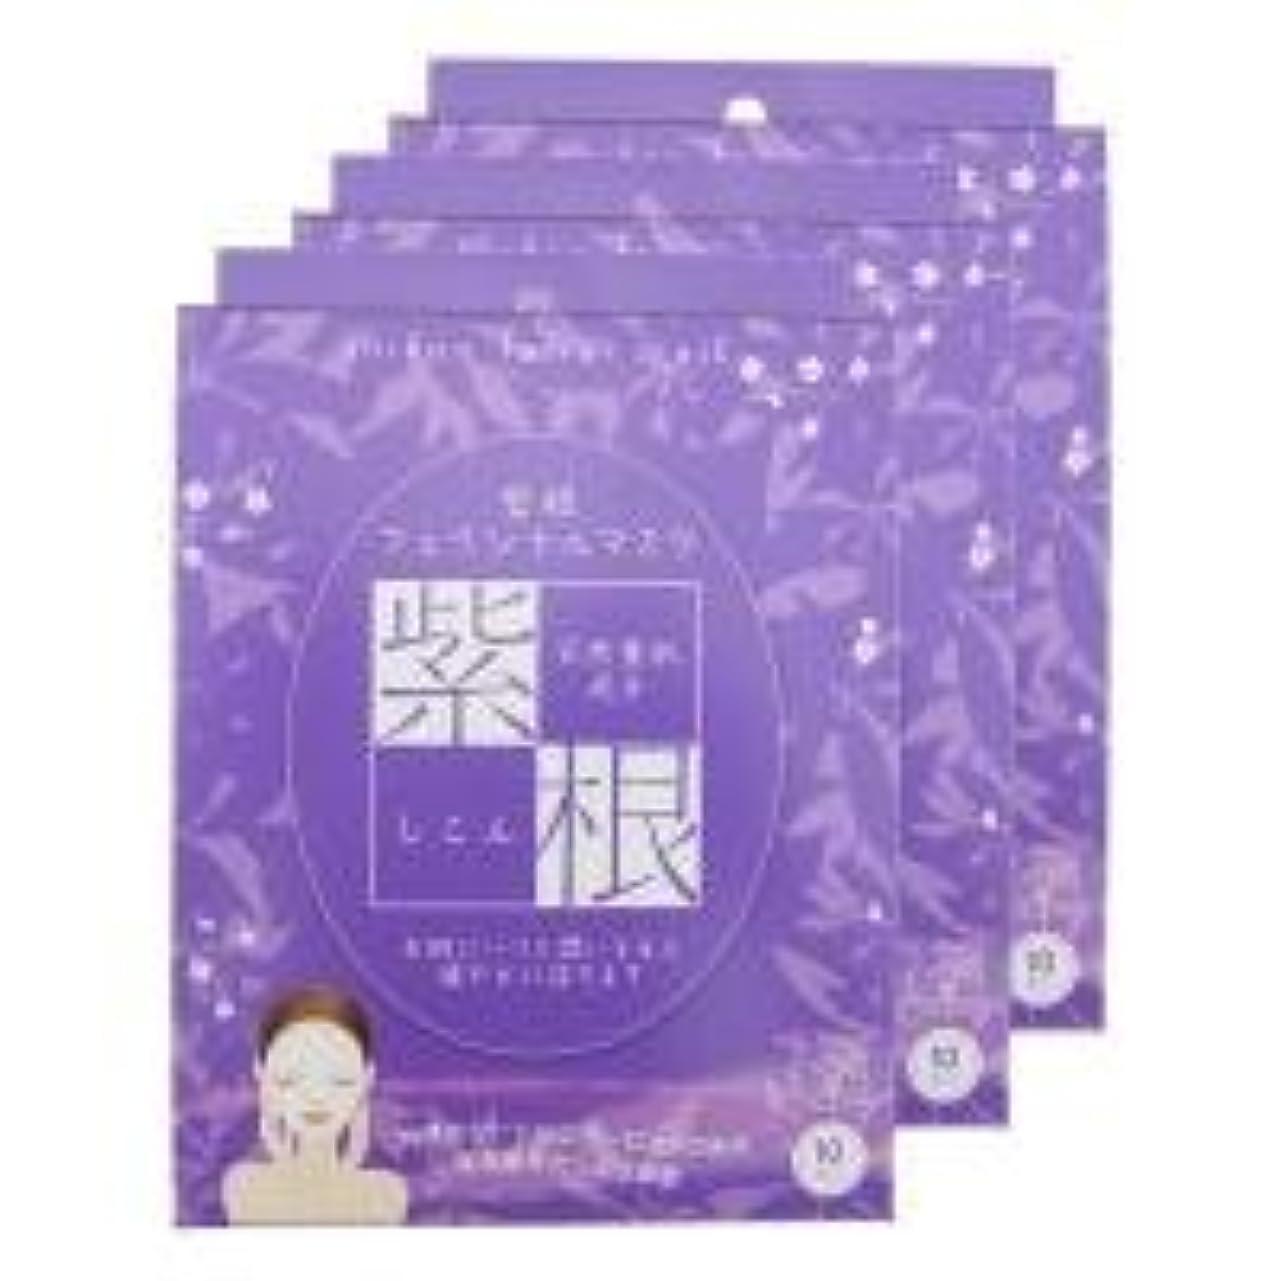 罪いたずらな常習者紫根フェイシャルマスク(10枚入り)×3セット